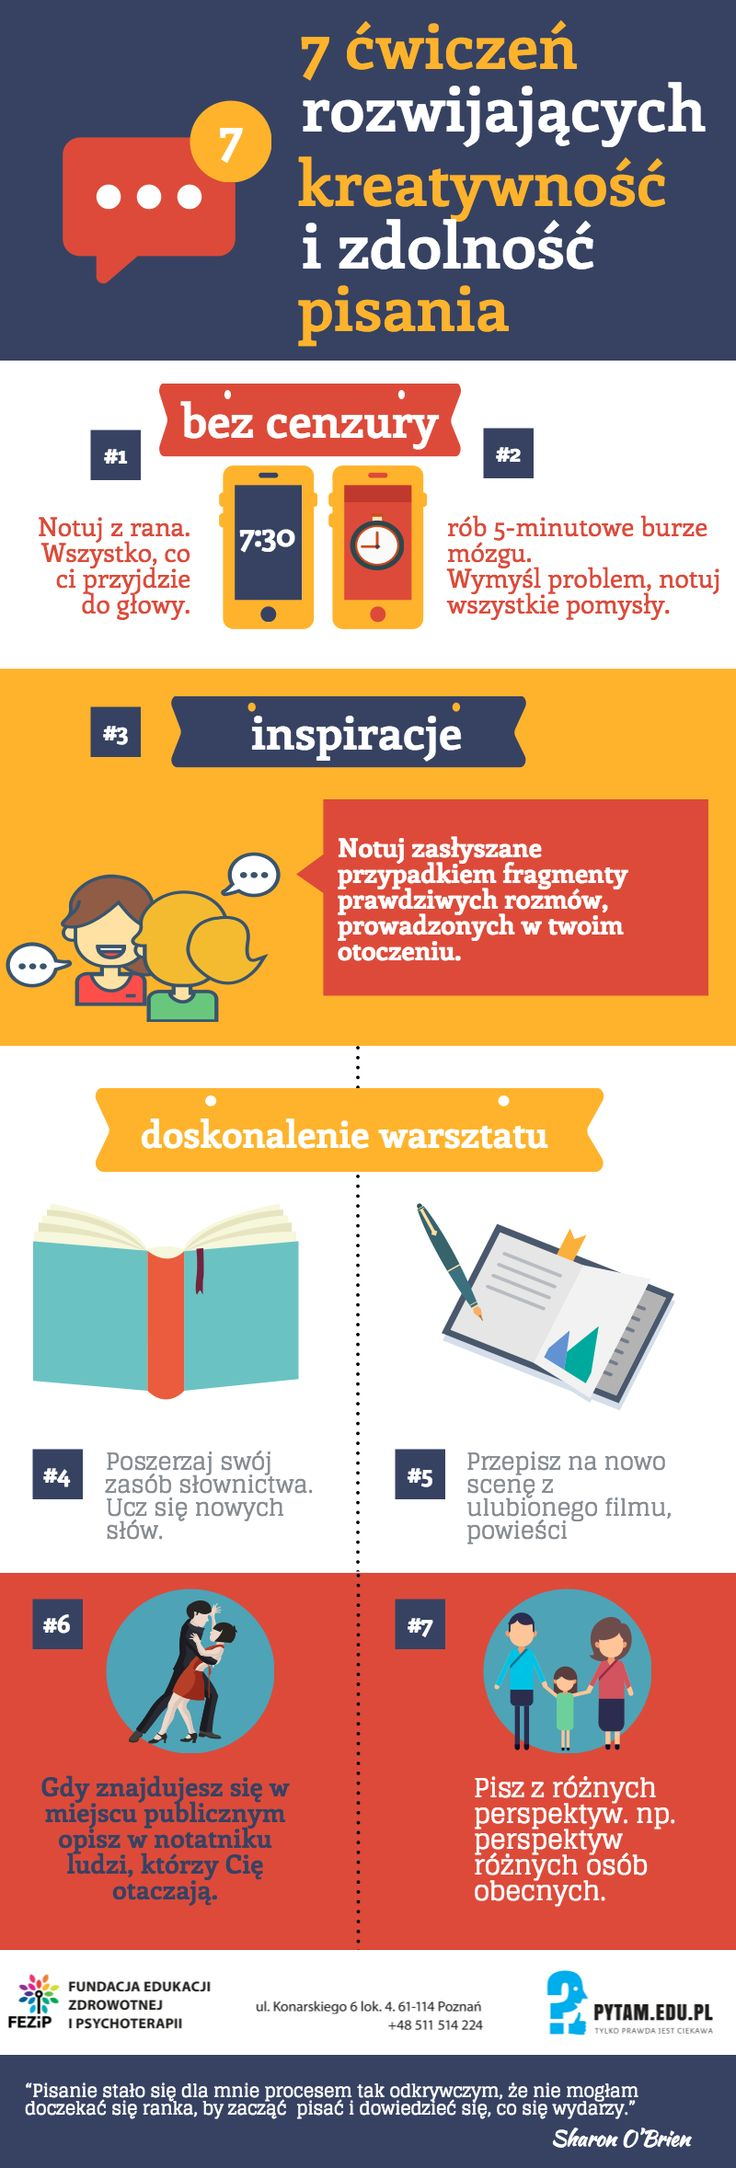 7 ćwiczeń rozwijających zdolnosć pisania